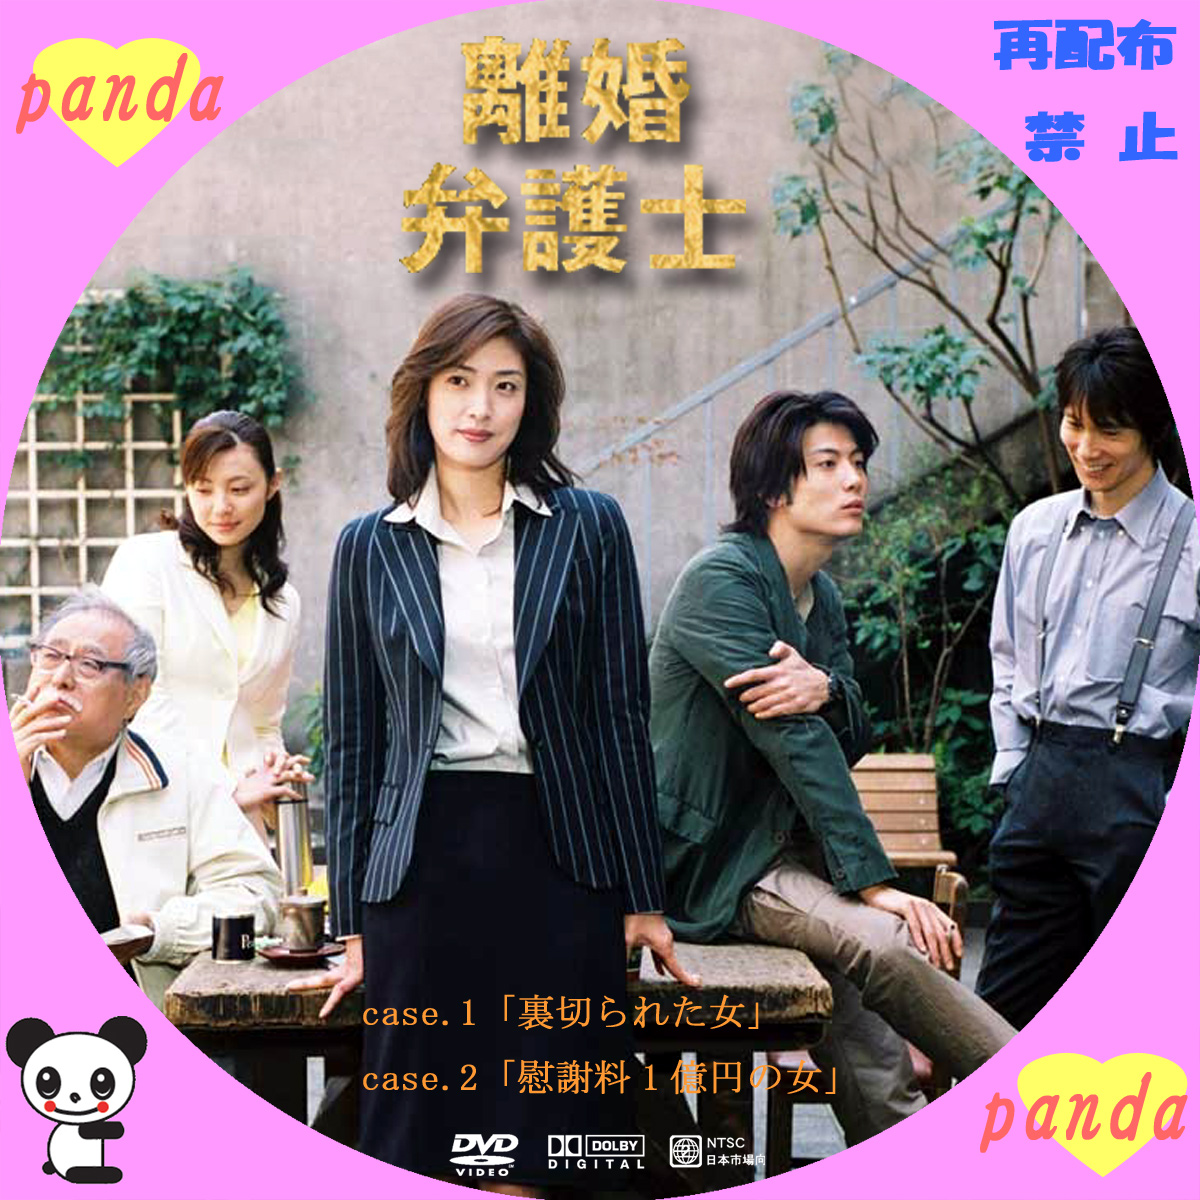 離婚弁護士 DVD-BOX エイベックス・マーケティング 価格: 黒川科学のブログ